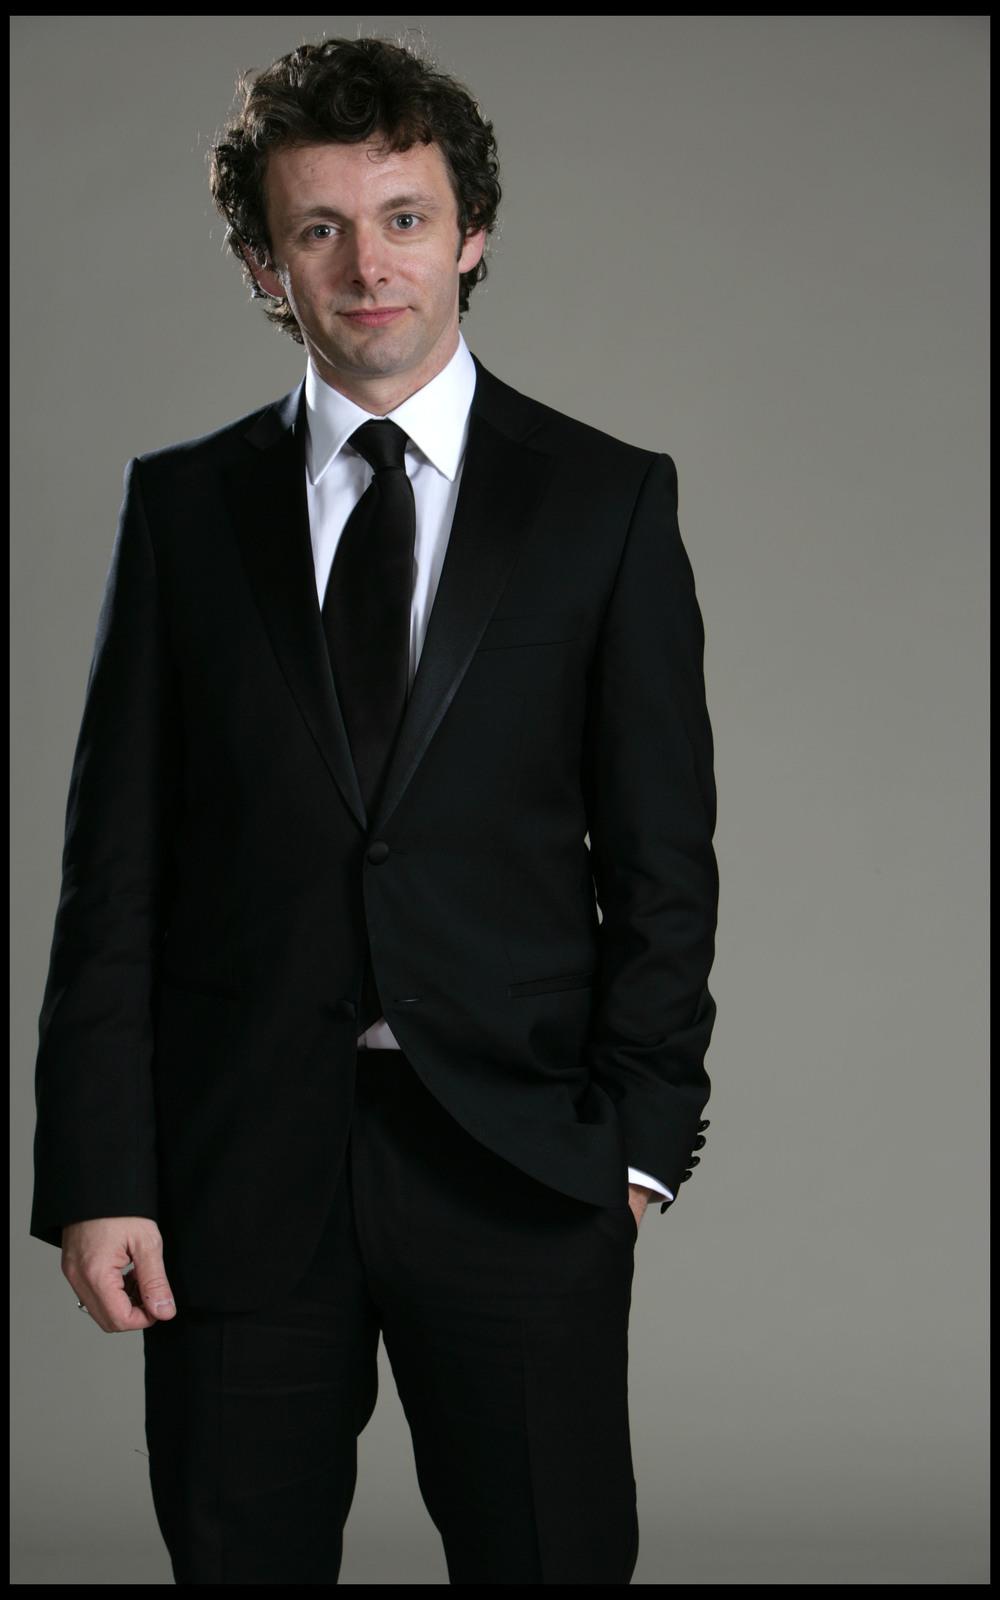 Michael Sheen, actor